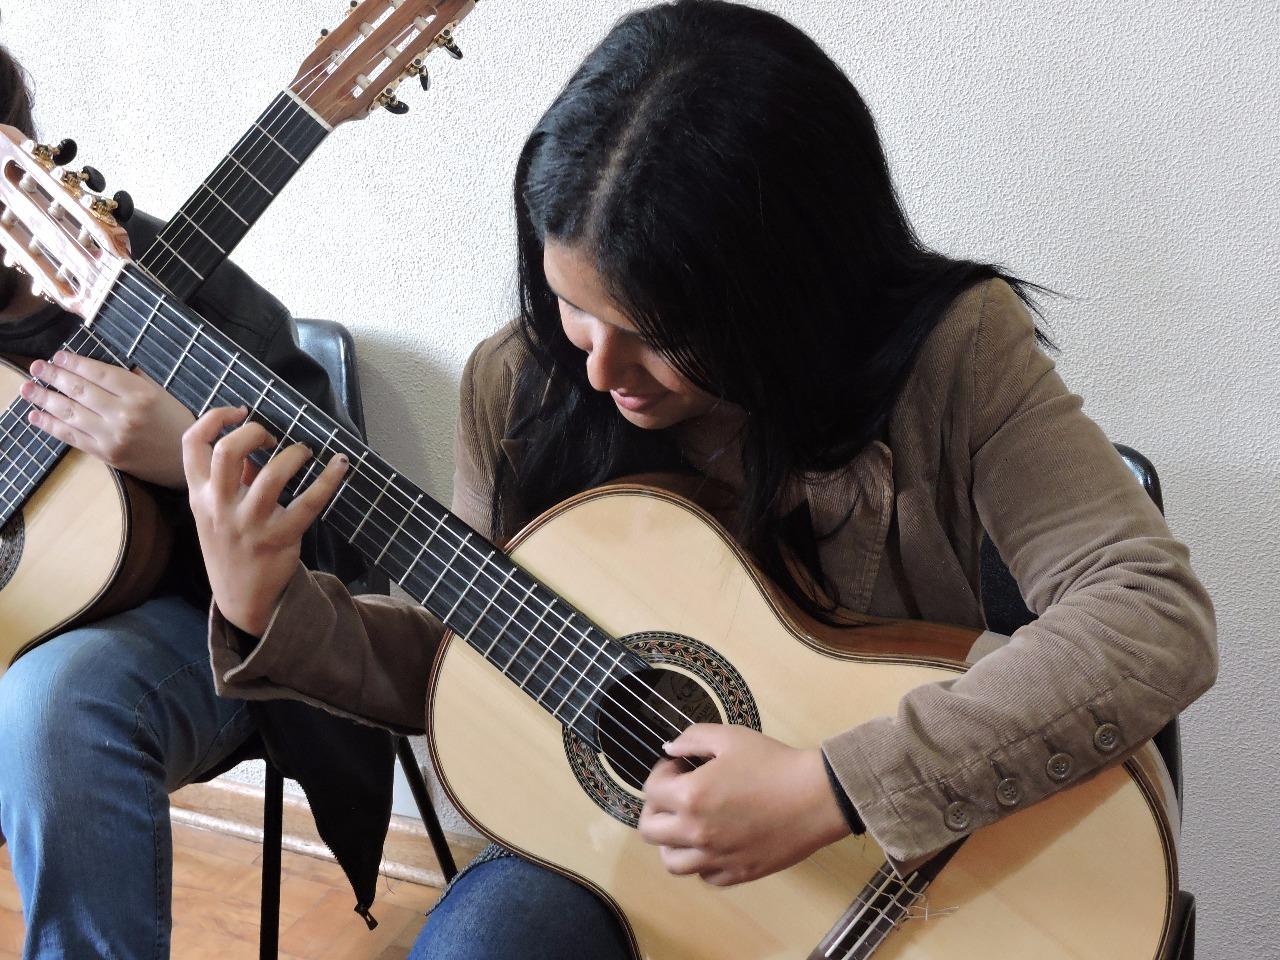 Concerto reúne quatro joves mulheres violonistas neste sábado (07) em São Paulo - Heloiza Cristina